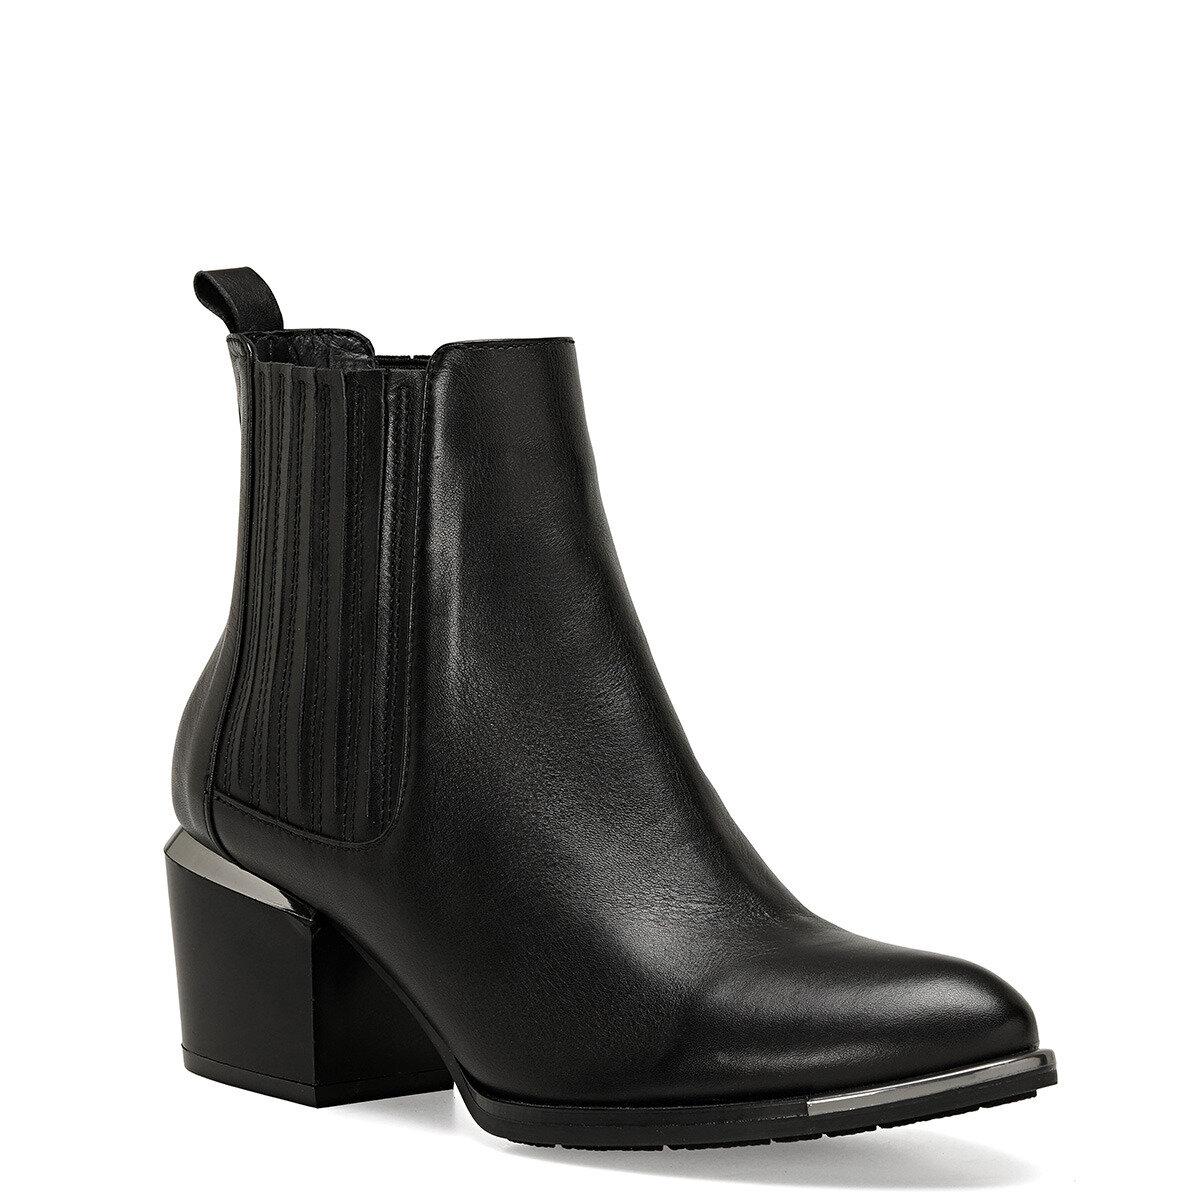 HEMA Siyah Kadın Topuklu Ayakkabı